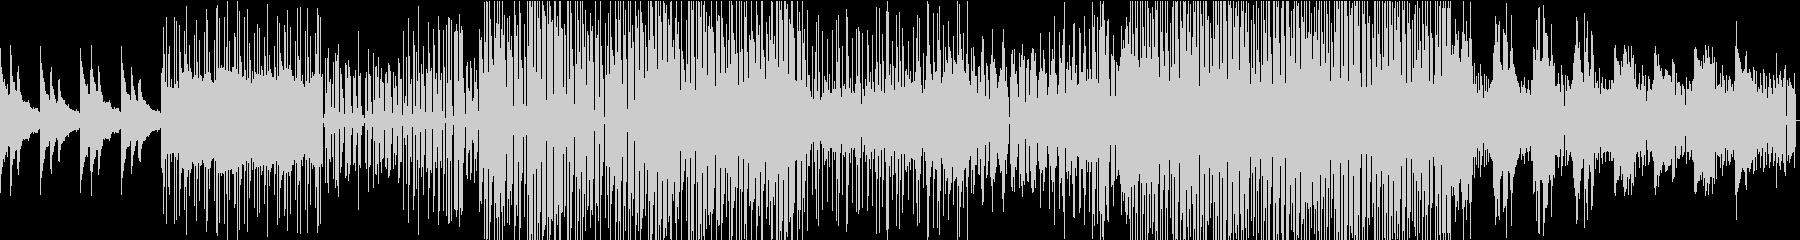 壮大かつ切ない、スローEDM系BGMの未再生の波形